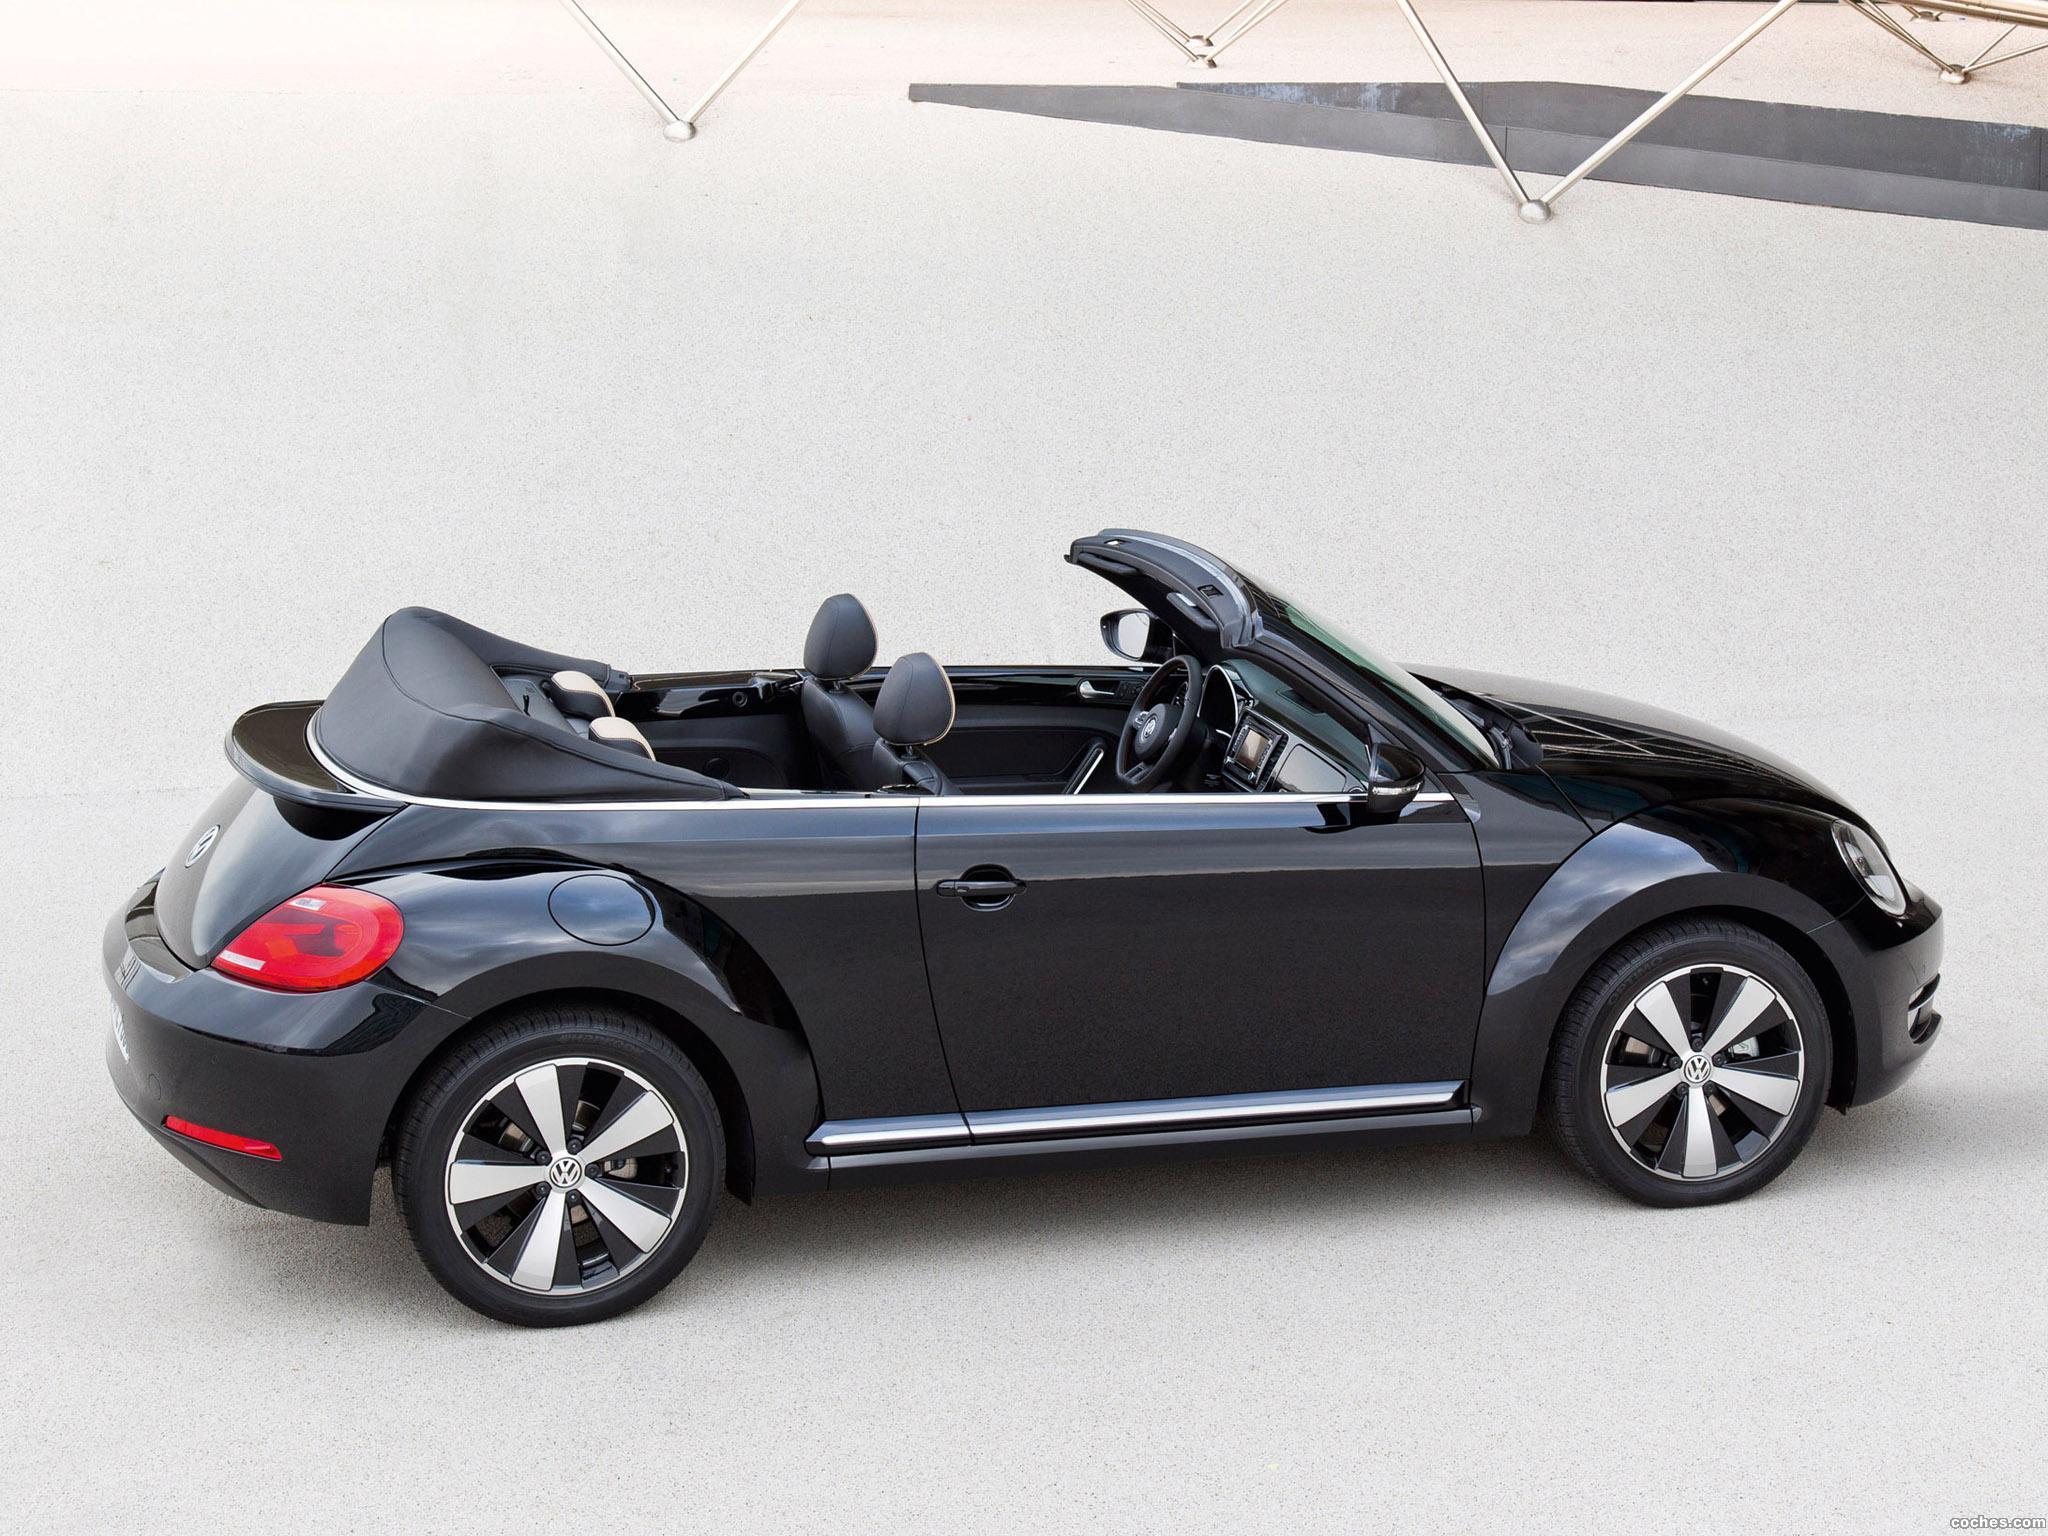 Foto 1 de Volkswagen Beetle Cabrio Exclusive 2012